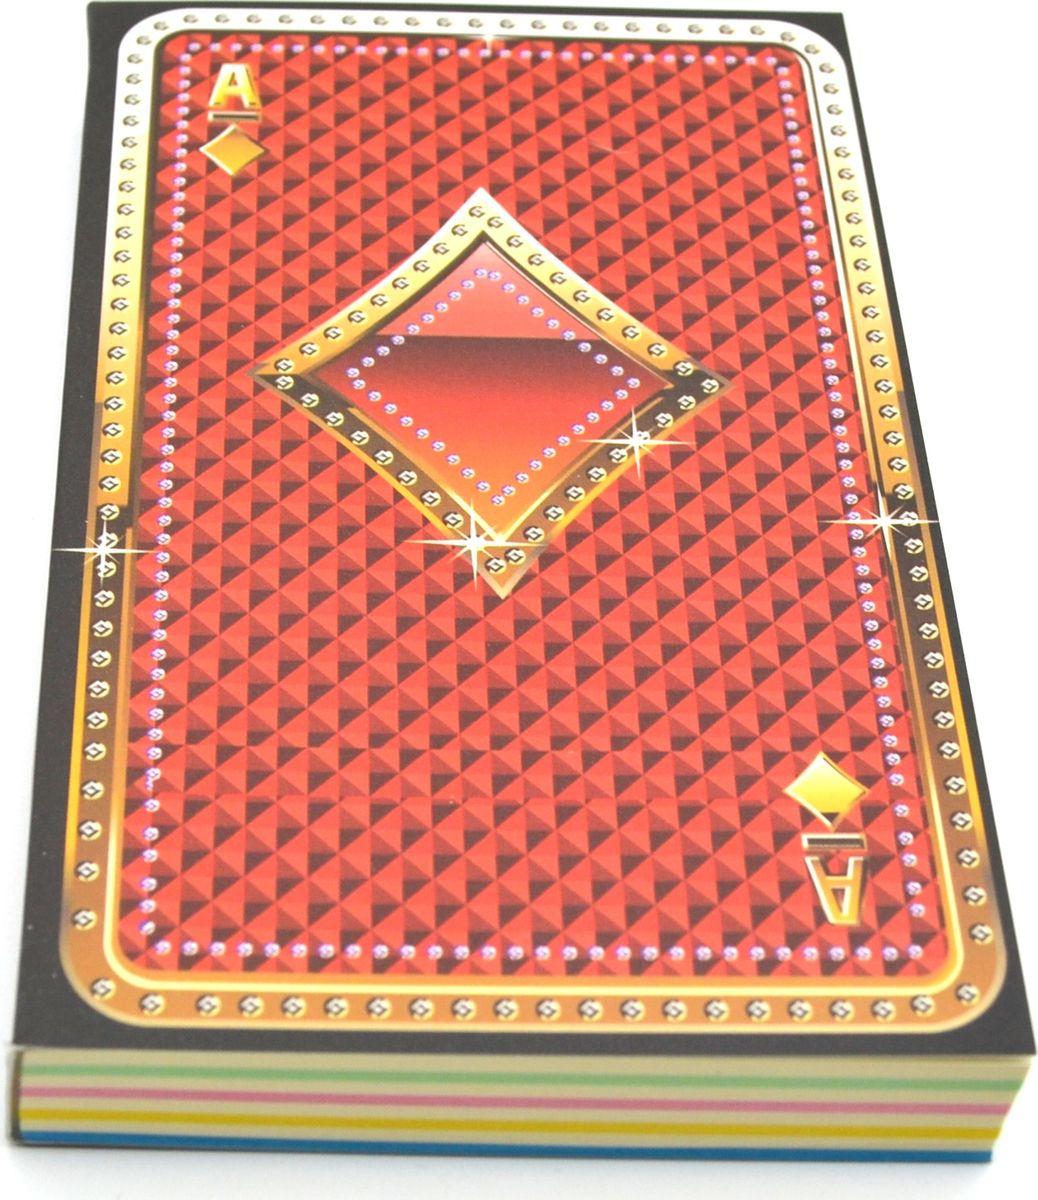 Карамба Блокнот Карты Бубны 192 листа3392Блокнот Карамба Карты Бубны - незаменимый атрибут современного человека, необходимый для рабочих и повседневных записей в офисе и дома. Блокнот содержит 192 листа.Блокнот станет достойным аксессуаром среди ваших канцелярских принадлежностей. Такой блокнот пригодится как для деловых людей, так и для любителей записывать свои мысли, писать мемуары или делать наброски новых стихотворений.